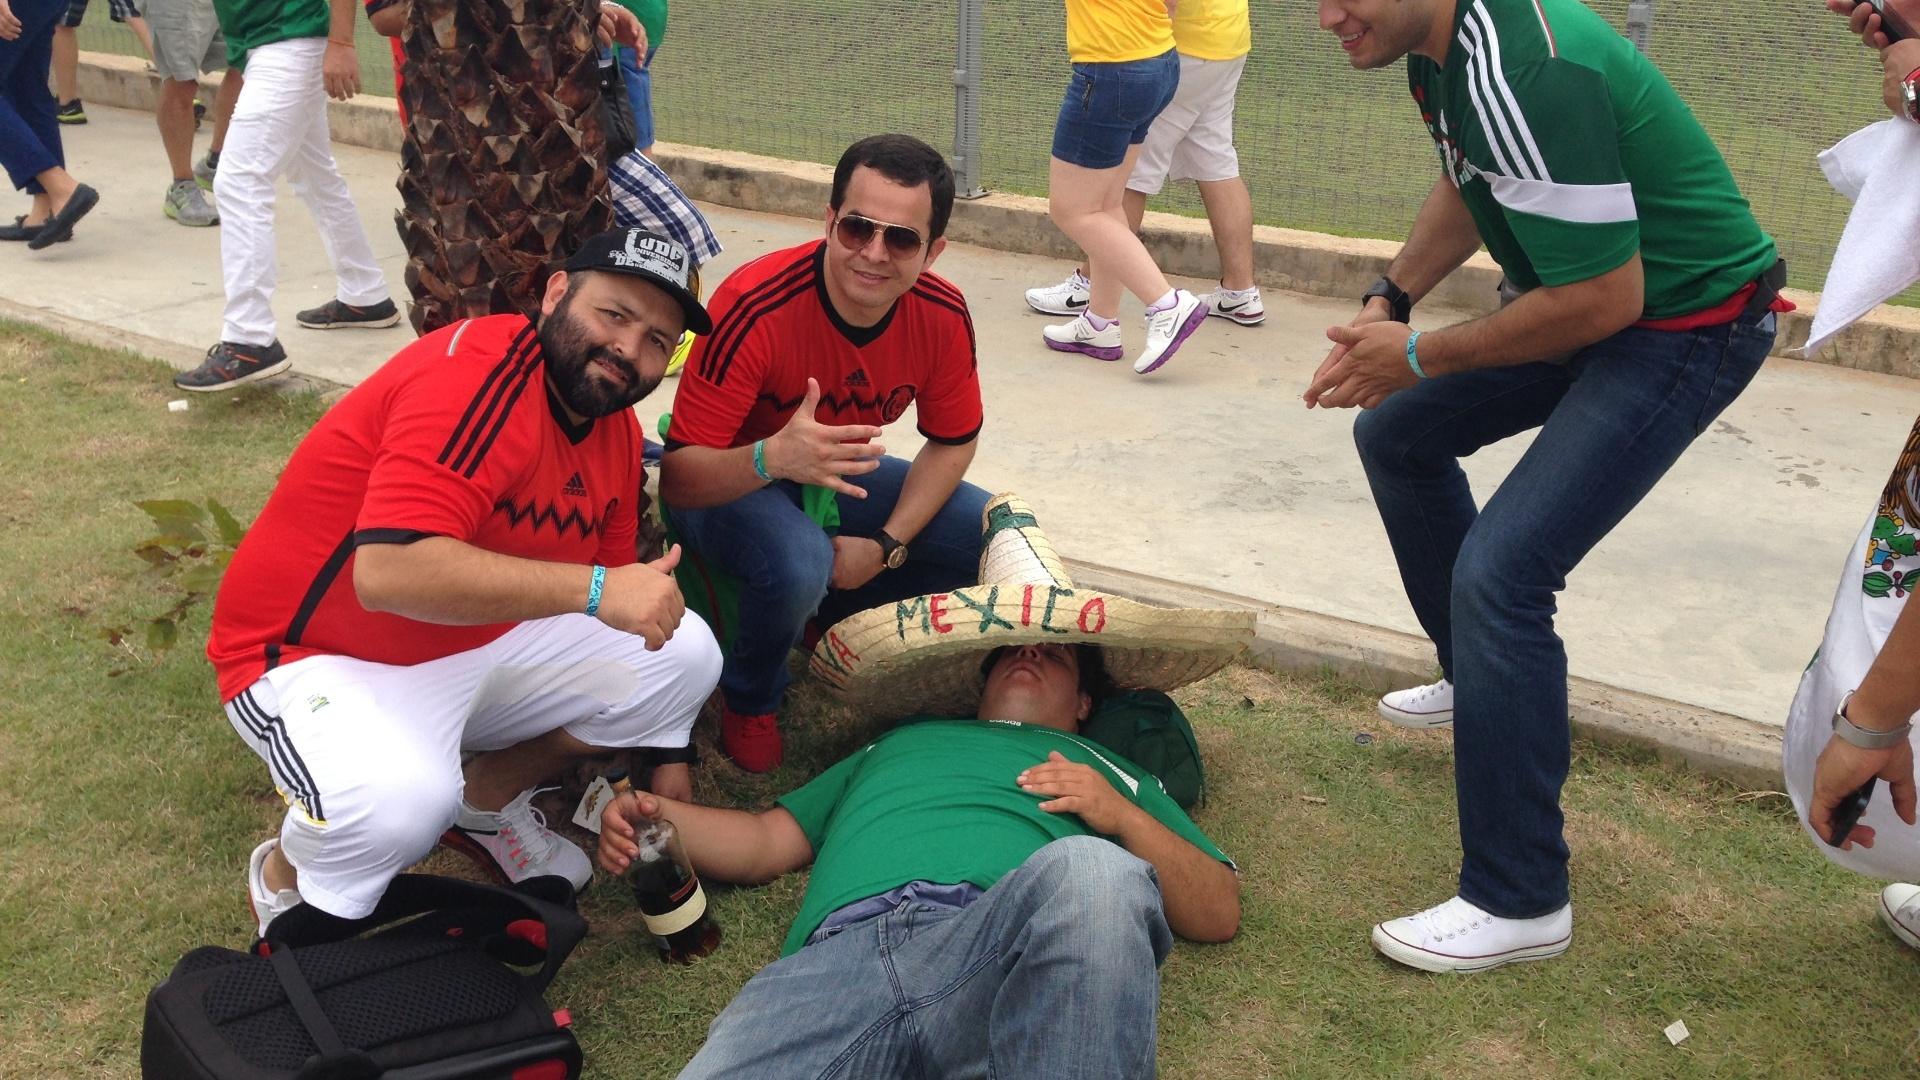 Torcedor mexicano Alberto Audifrey apaga com garrafa de rum nas imediações do Castelão